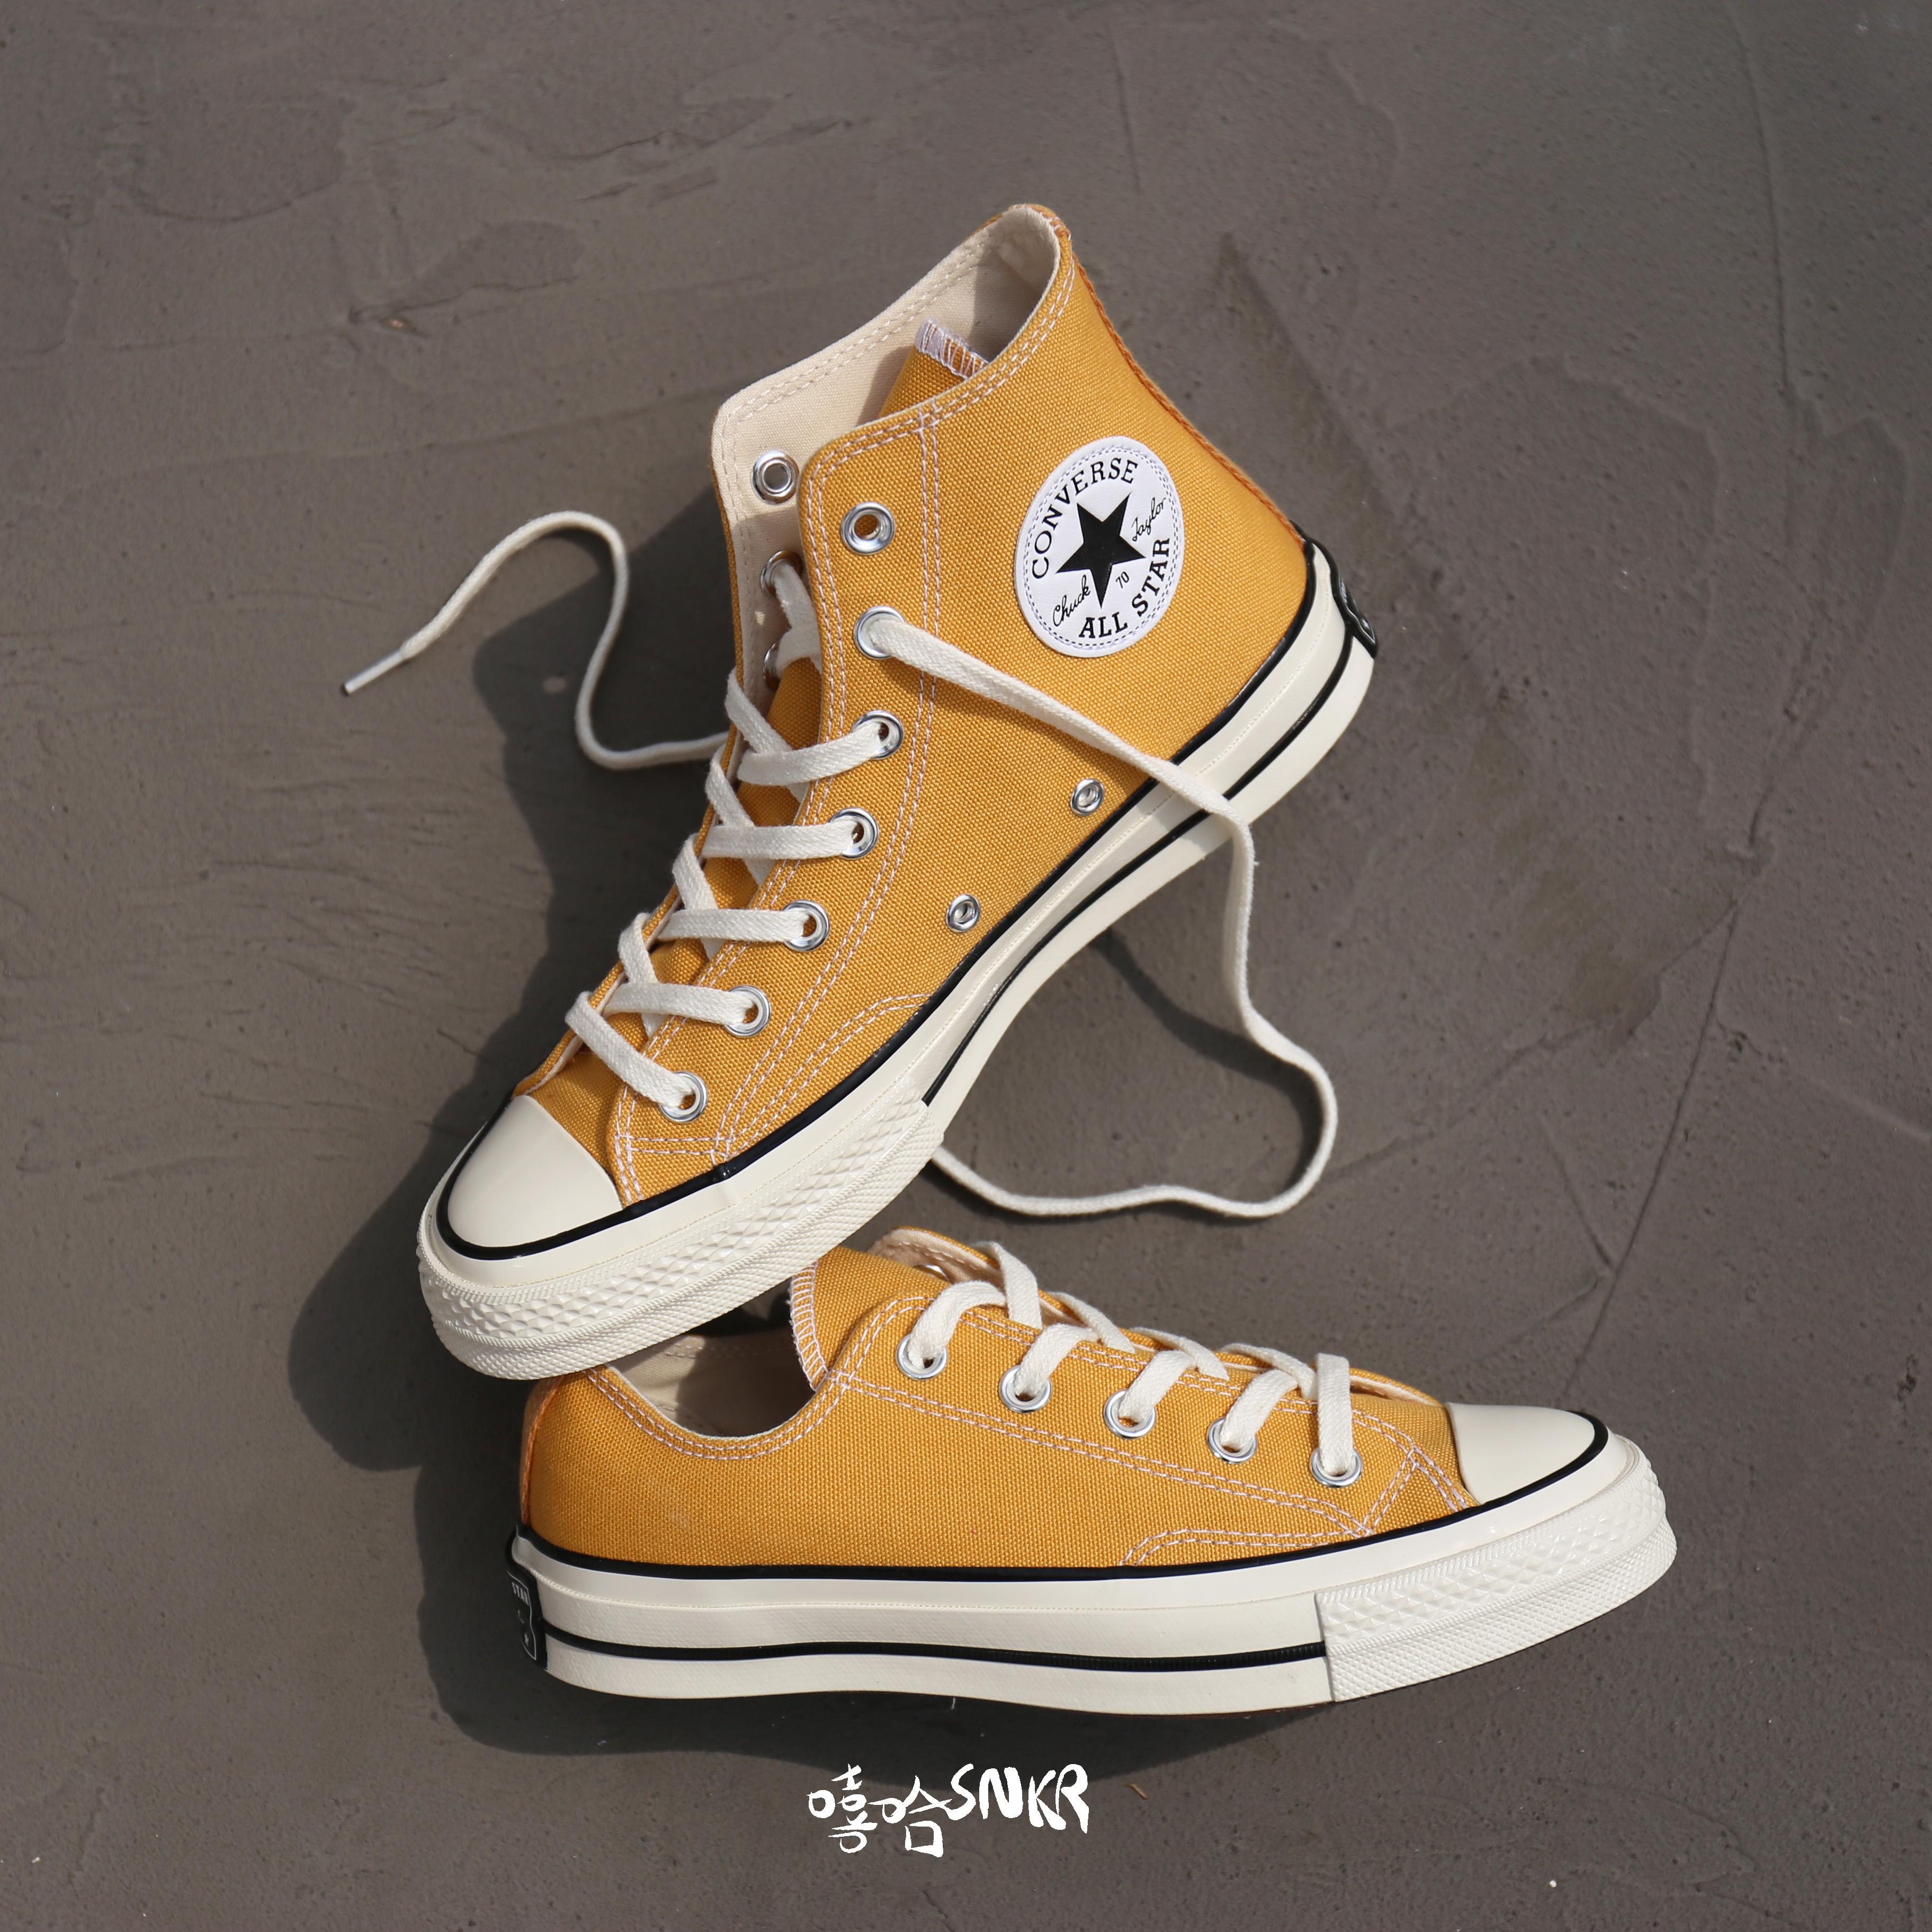 黄色帆布鞋 Converse 匡威1970s黄色高帮黄色低帮三星标帆布鞋159189c162054c_推荐淘宝好看的黄色帆布鞋